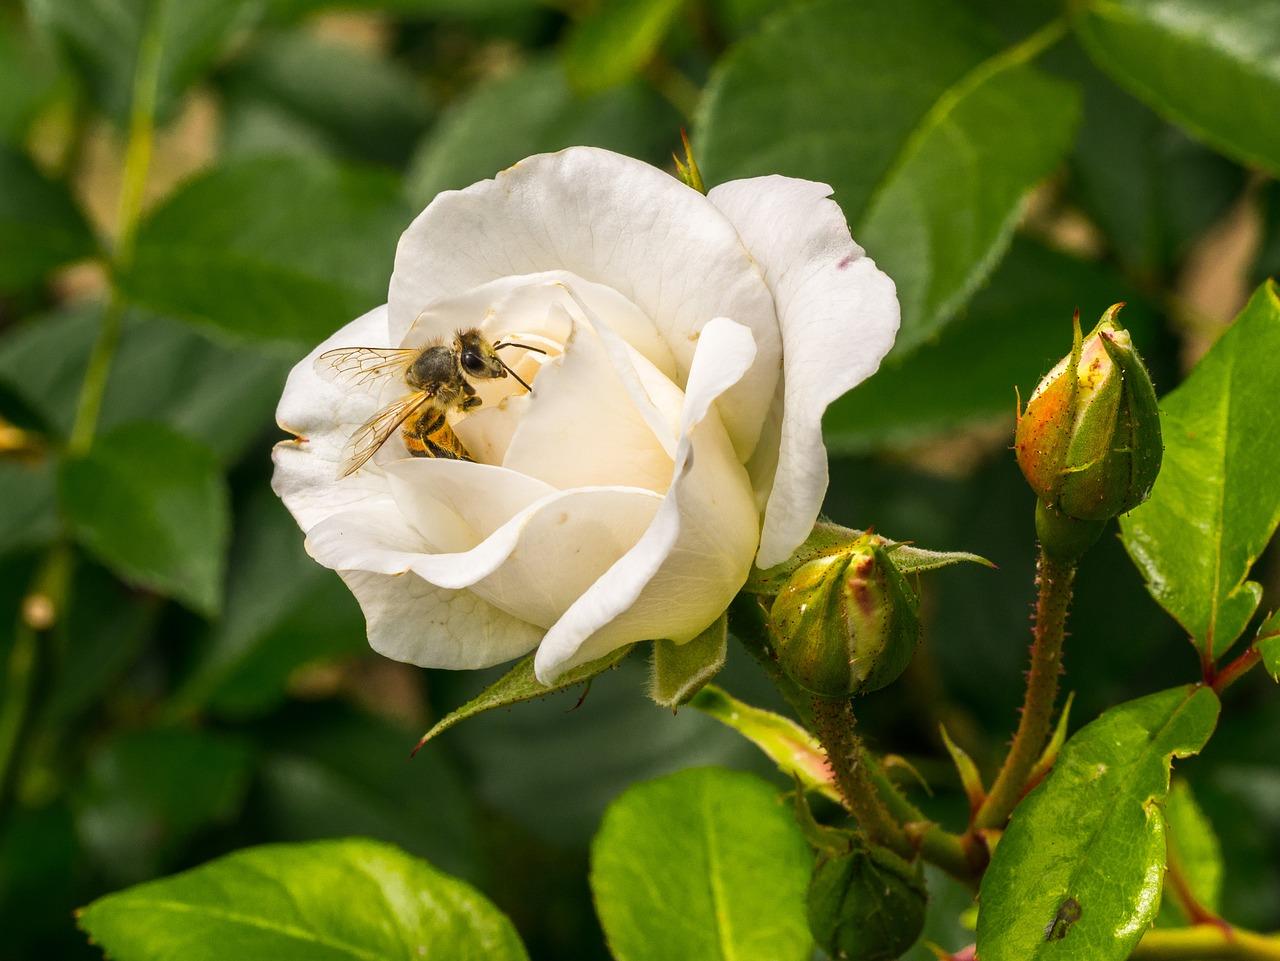 一箱蜂多少钱哪里能买到(买一箱蜜蜂大概多少钱)